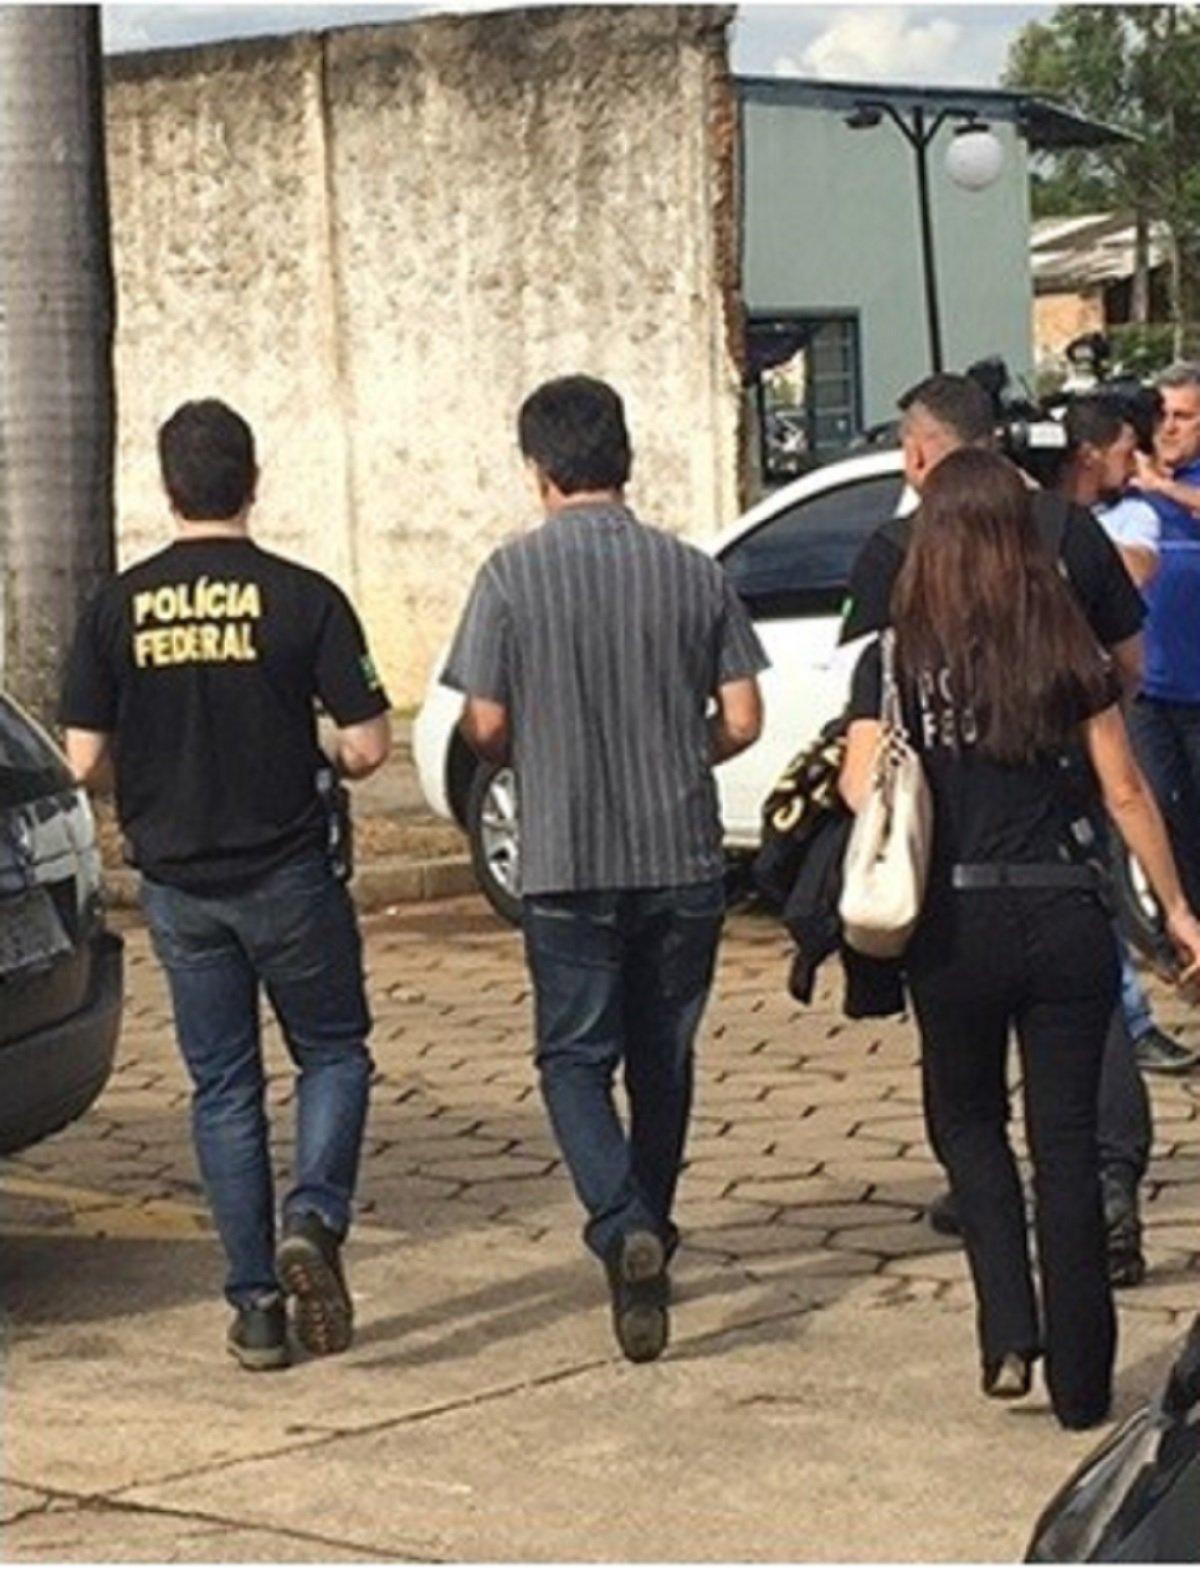 Dois policiais federais aposentados foram presos hoje pela manhã, suspeitos deenviar um pacote com uma bomba para o advogado Walmir Oliveira da Cunha, de 37 anos, em Goiânia, em julho deste ano. Na explosão o advogado perdeu três dedos